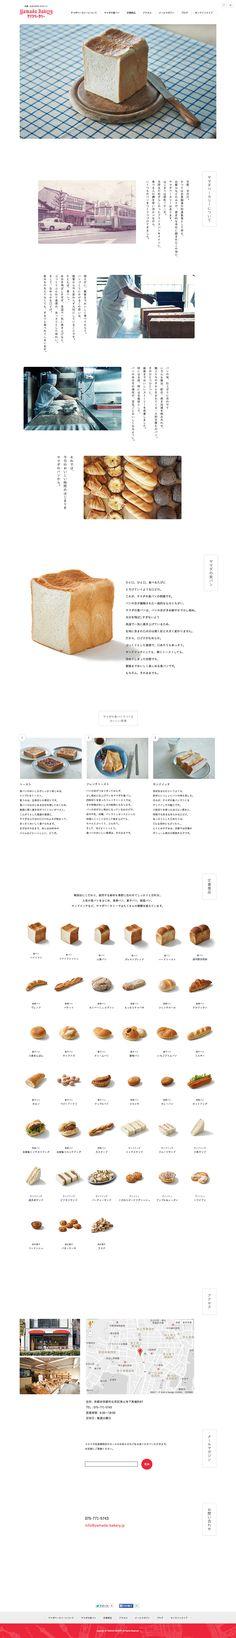 http://yamadabakery.jp/